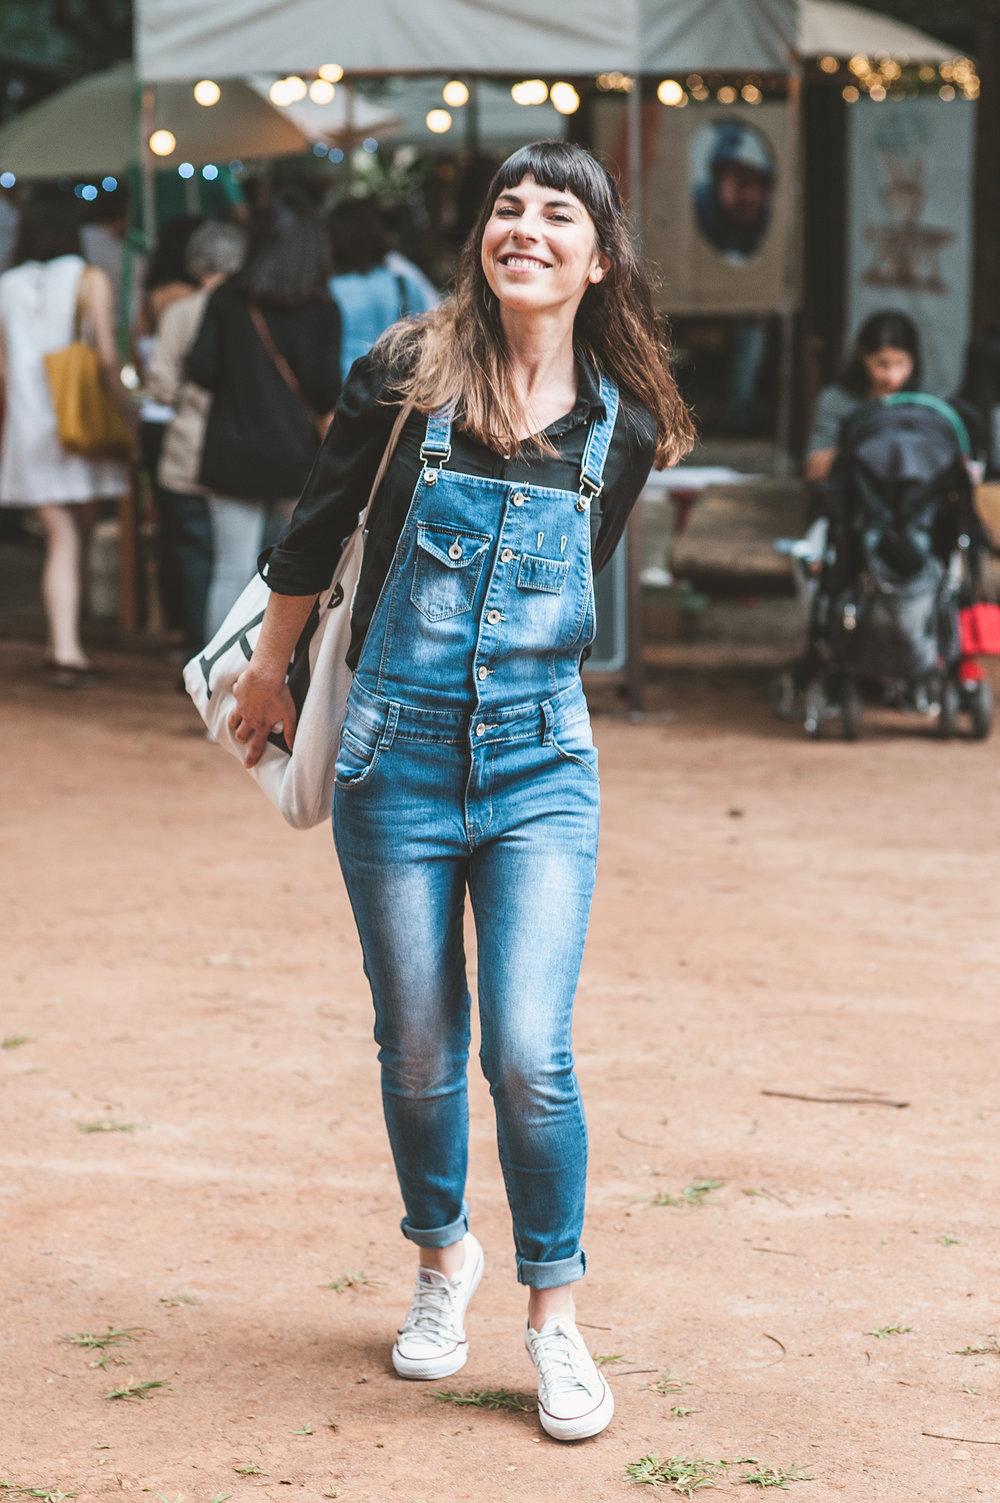 Portuguesa, Filipa Damião mora em São Paulo há três anos. Sempre leva esse astral leve ao #MANUALnoMCB. Estava indo encontrar a amiga   Juliana Vomero  , que expôs sua arte no evento.